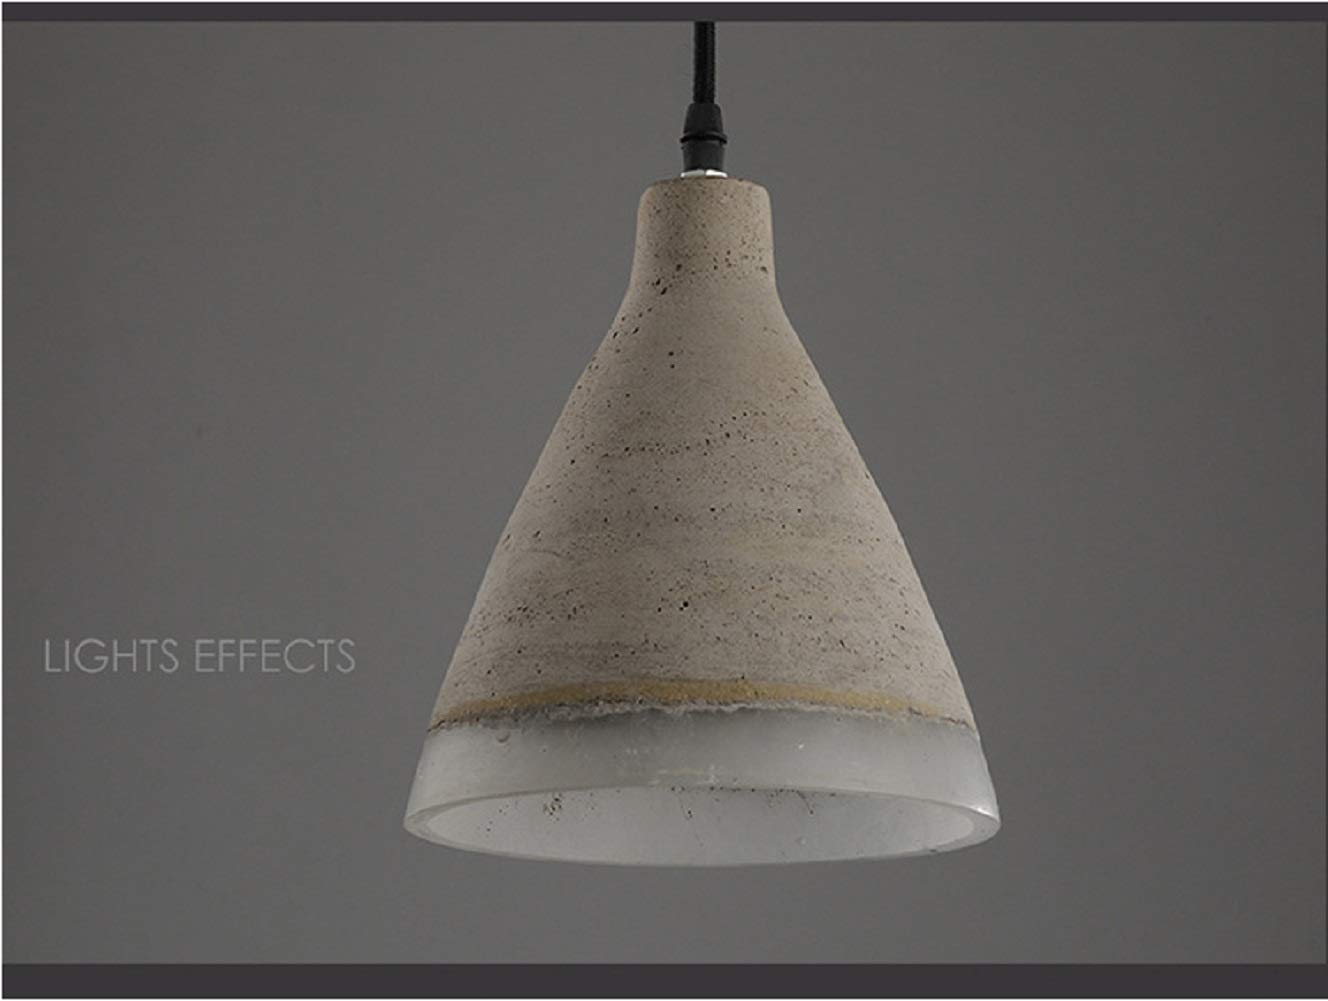 Moontang Vintage Cement Light Hängeleuchte, Motent Industrial Modern Minimalistische Deckenleuchte Hängelampe Concrete Chandelier Schirm - Do